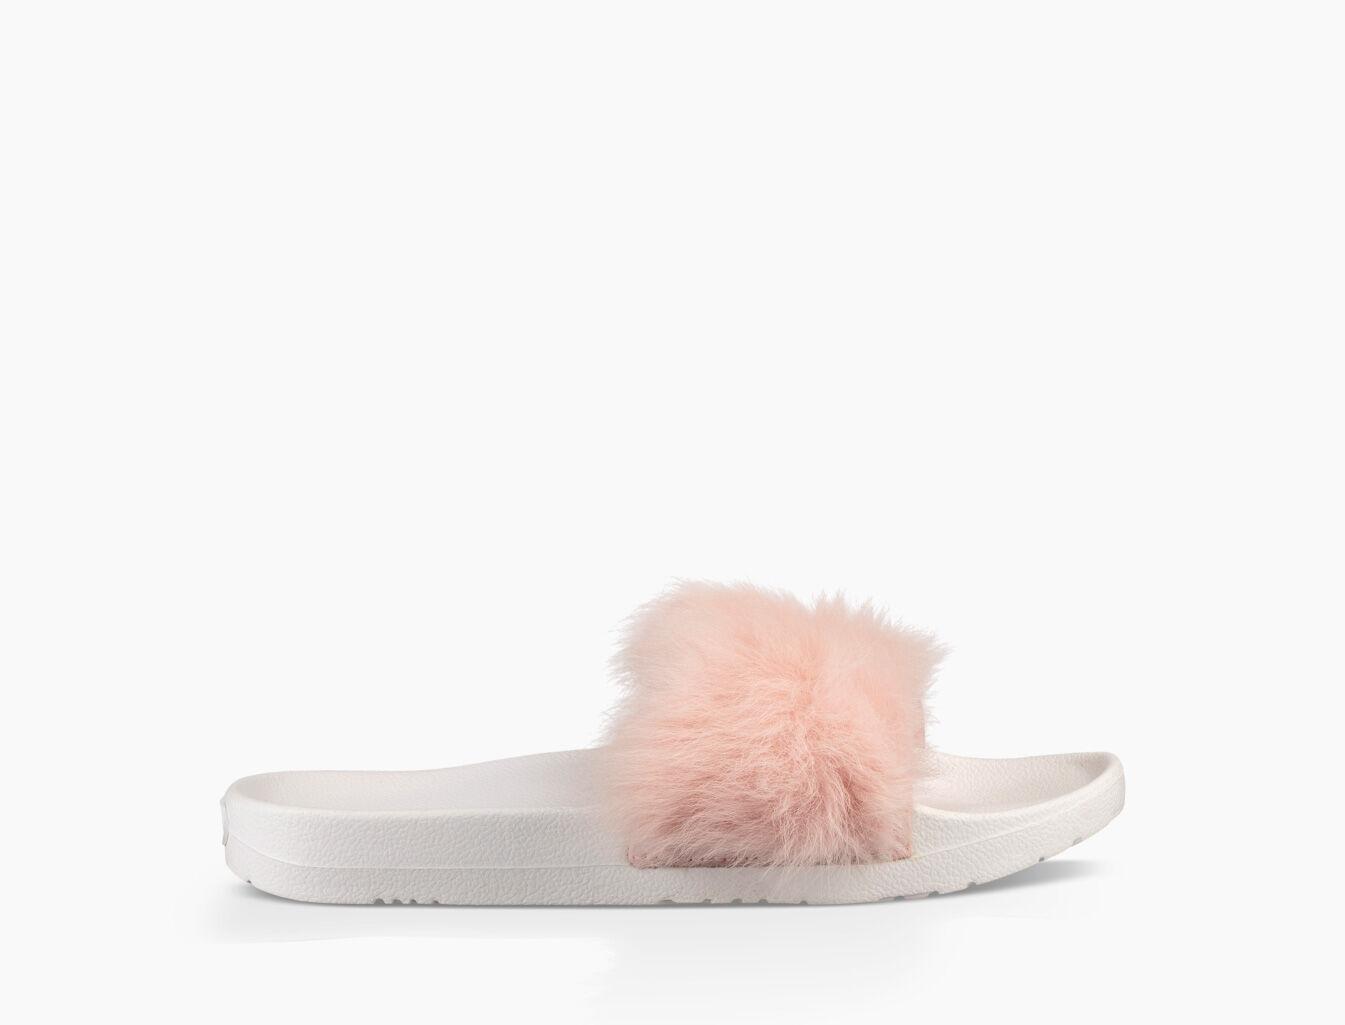 UGG Womens Royale Slide Sandals Bright Pink Zahlen Mit Paypal Günstigem Preis Rabatt Extrem 1FIR9ndkgR